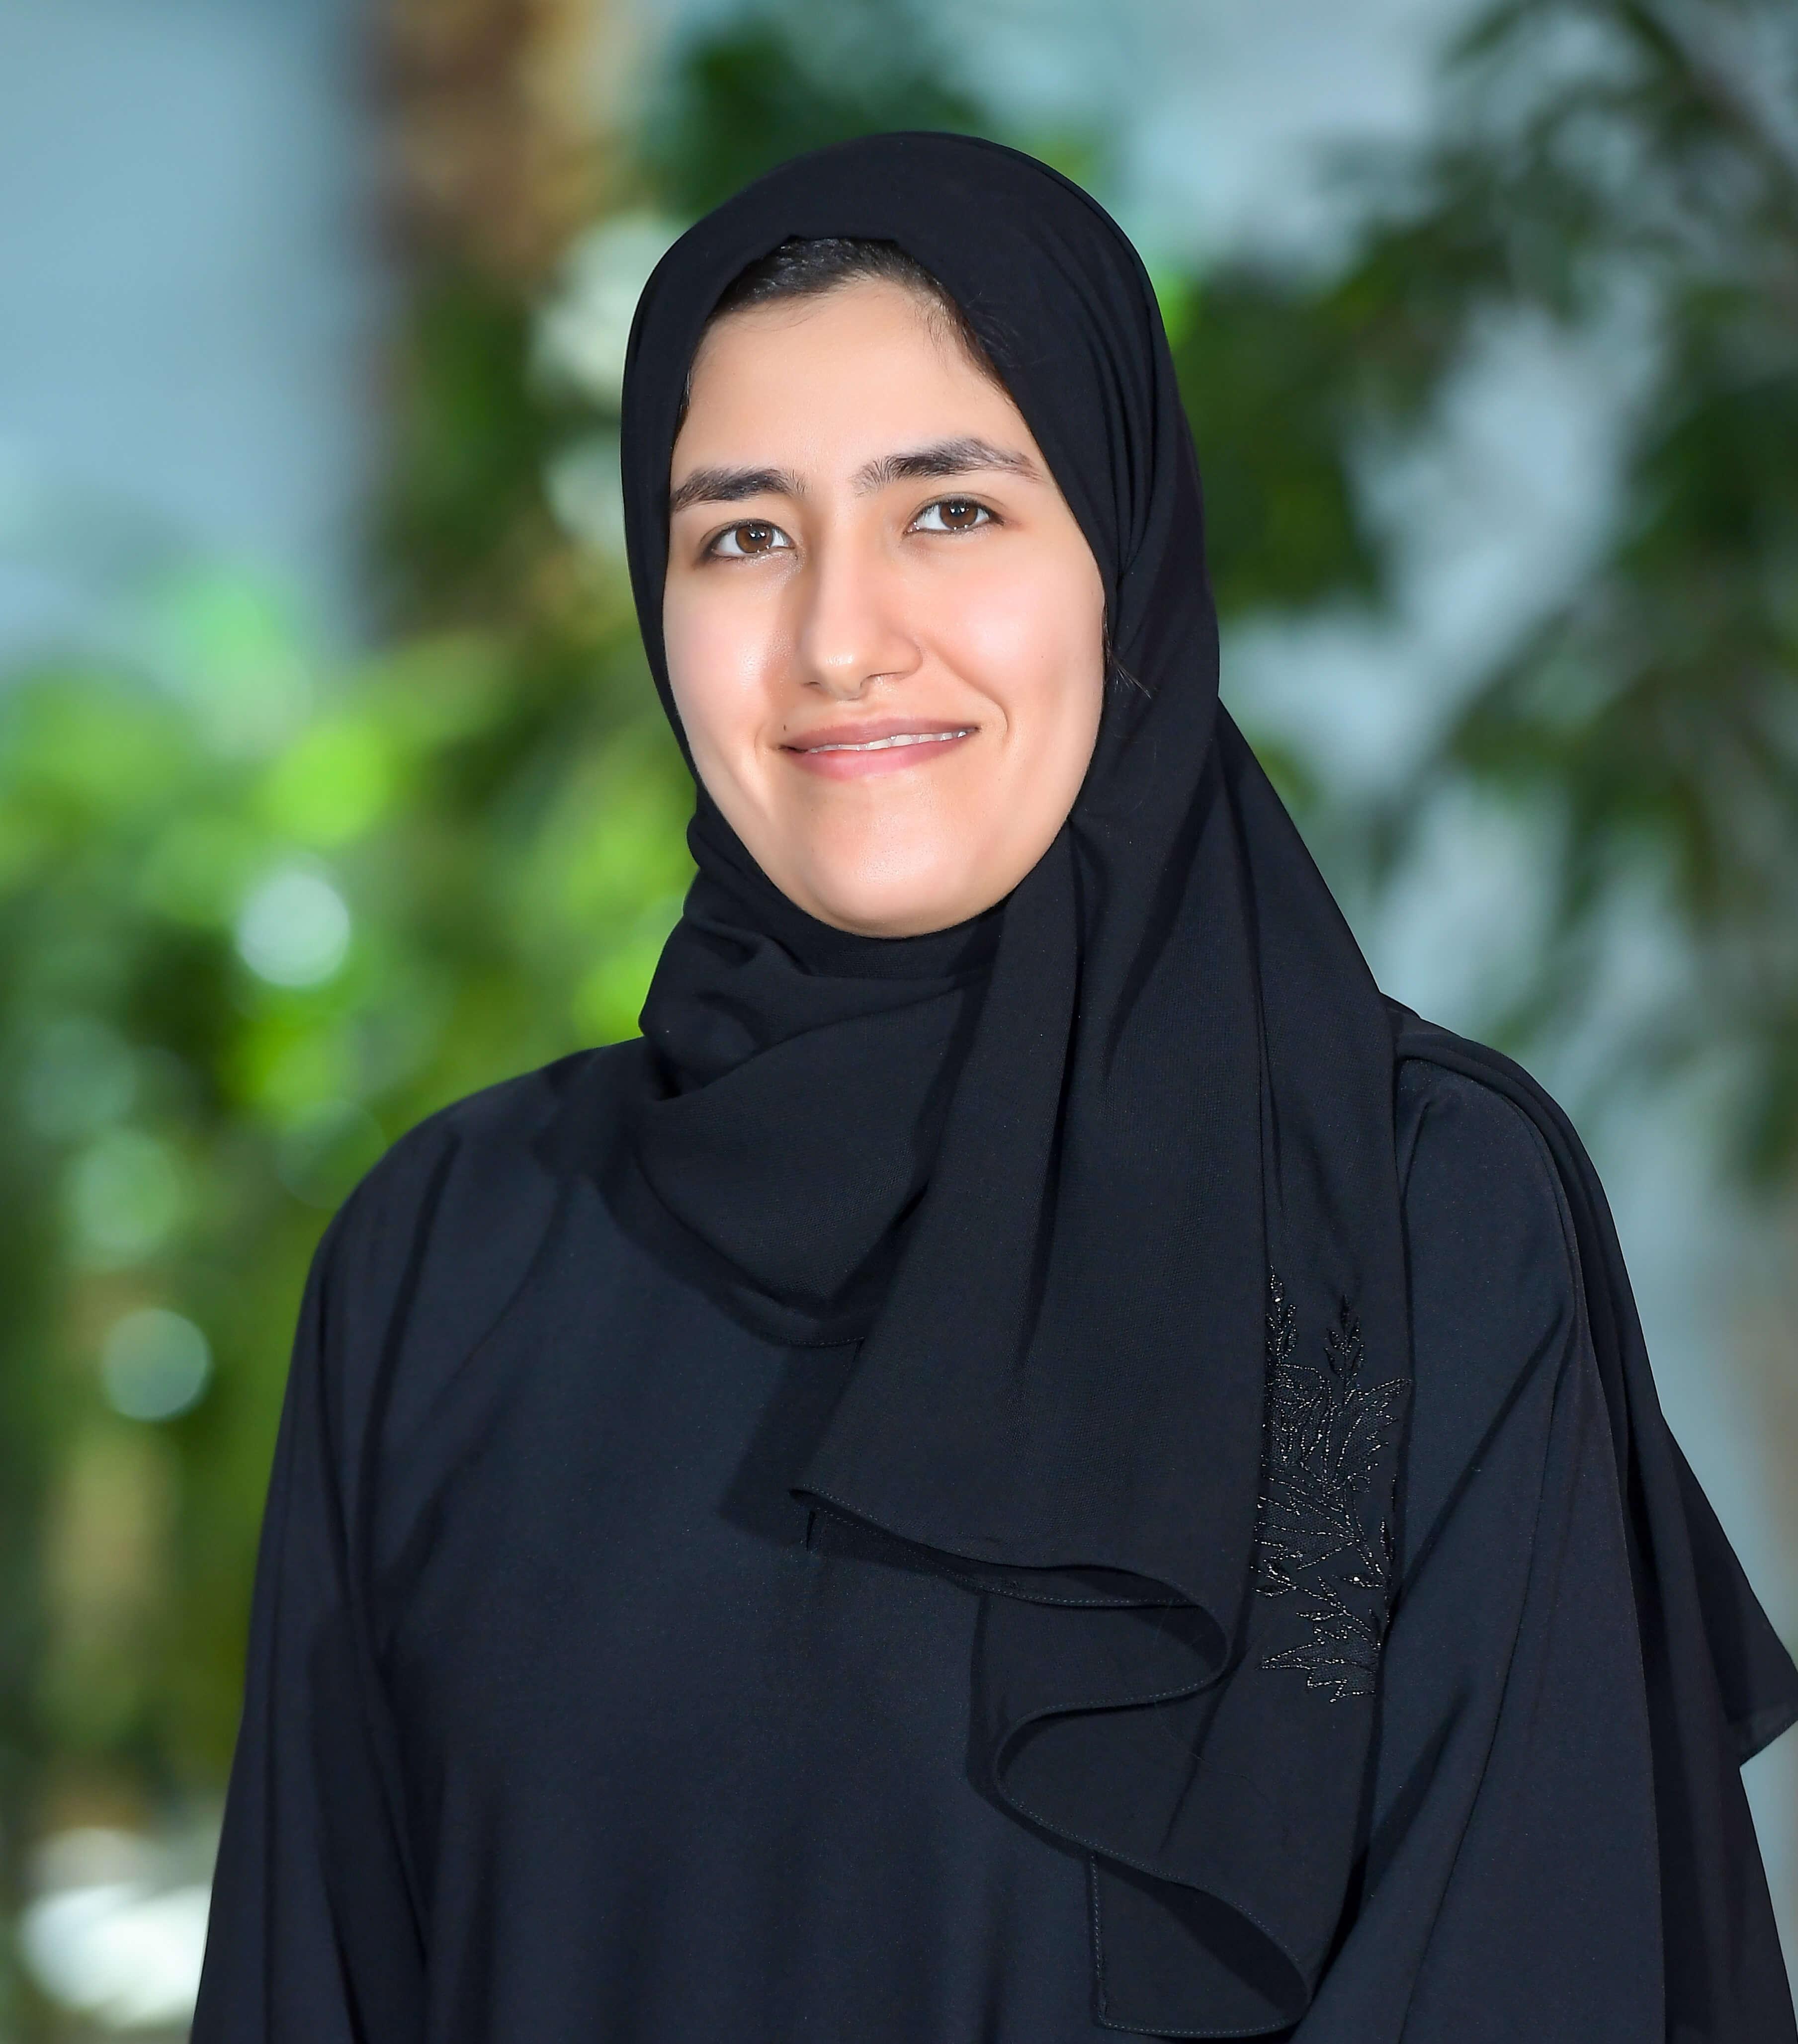 Dr. Rana Hani Azzam